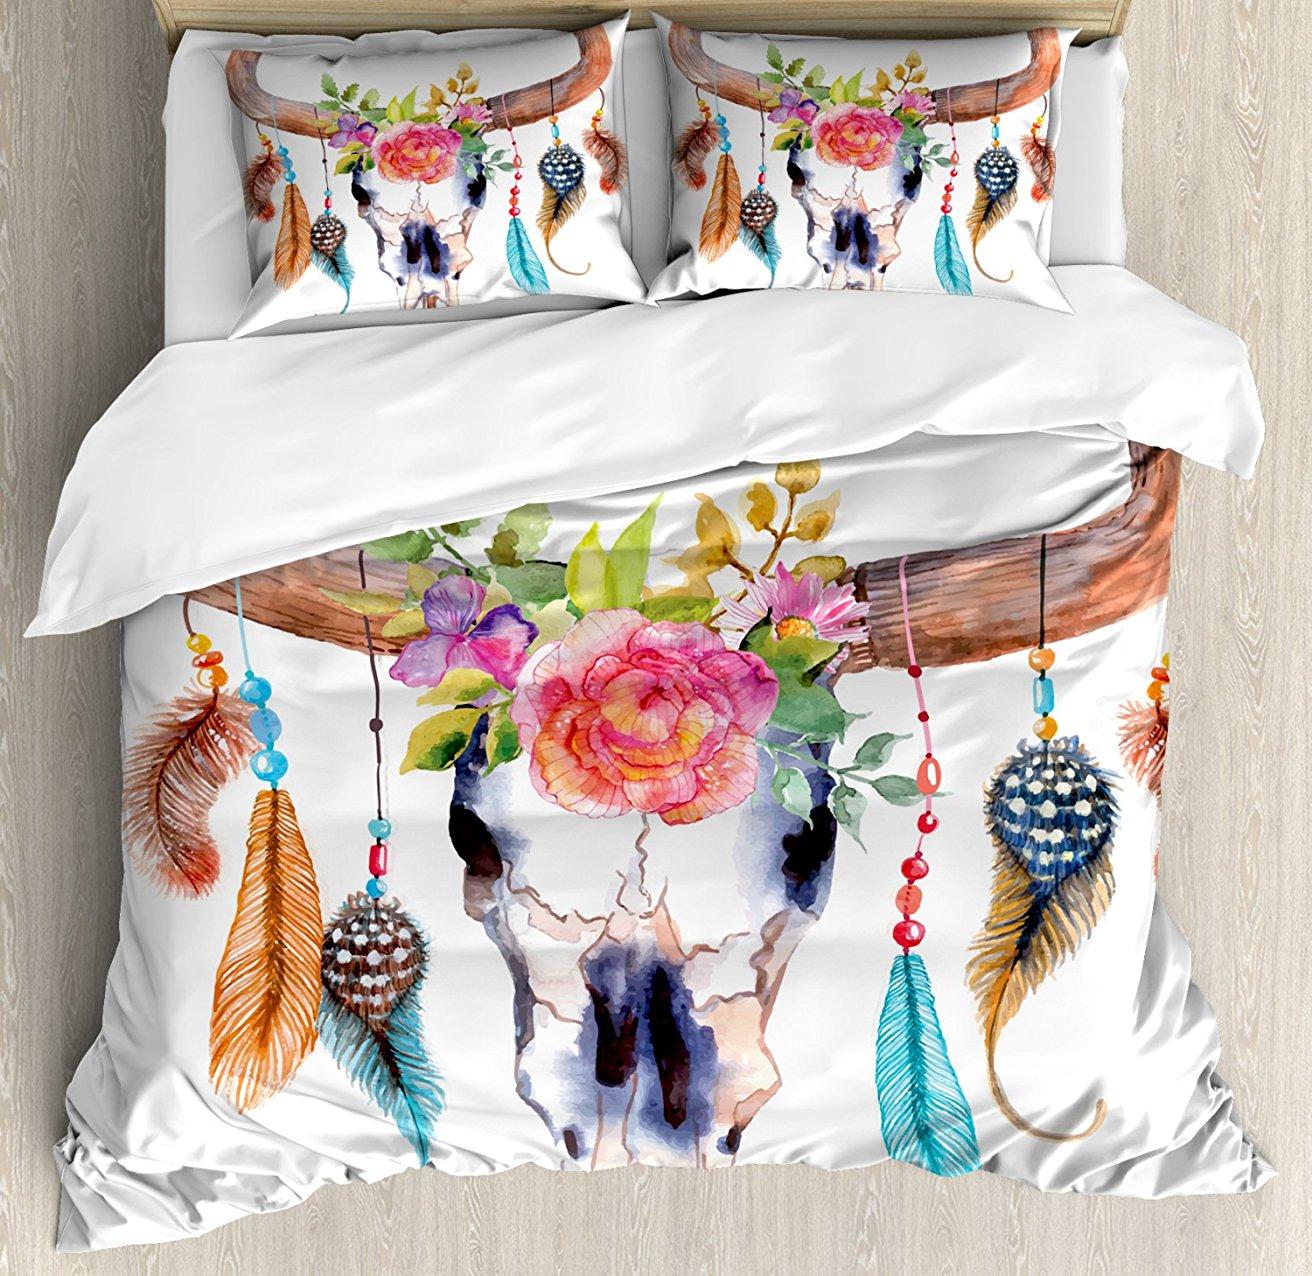 Акварель постельное белье, Bull Череп с висит цветок перья этническом стиле Индеец Дизайн, e 4 шт. Постельное белье